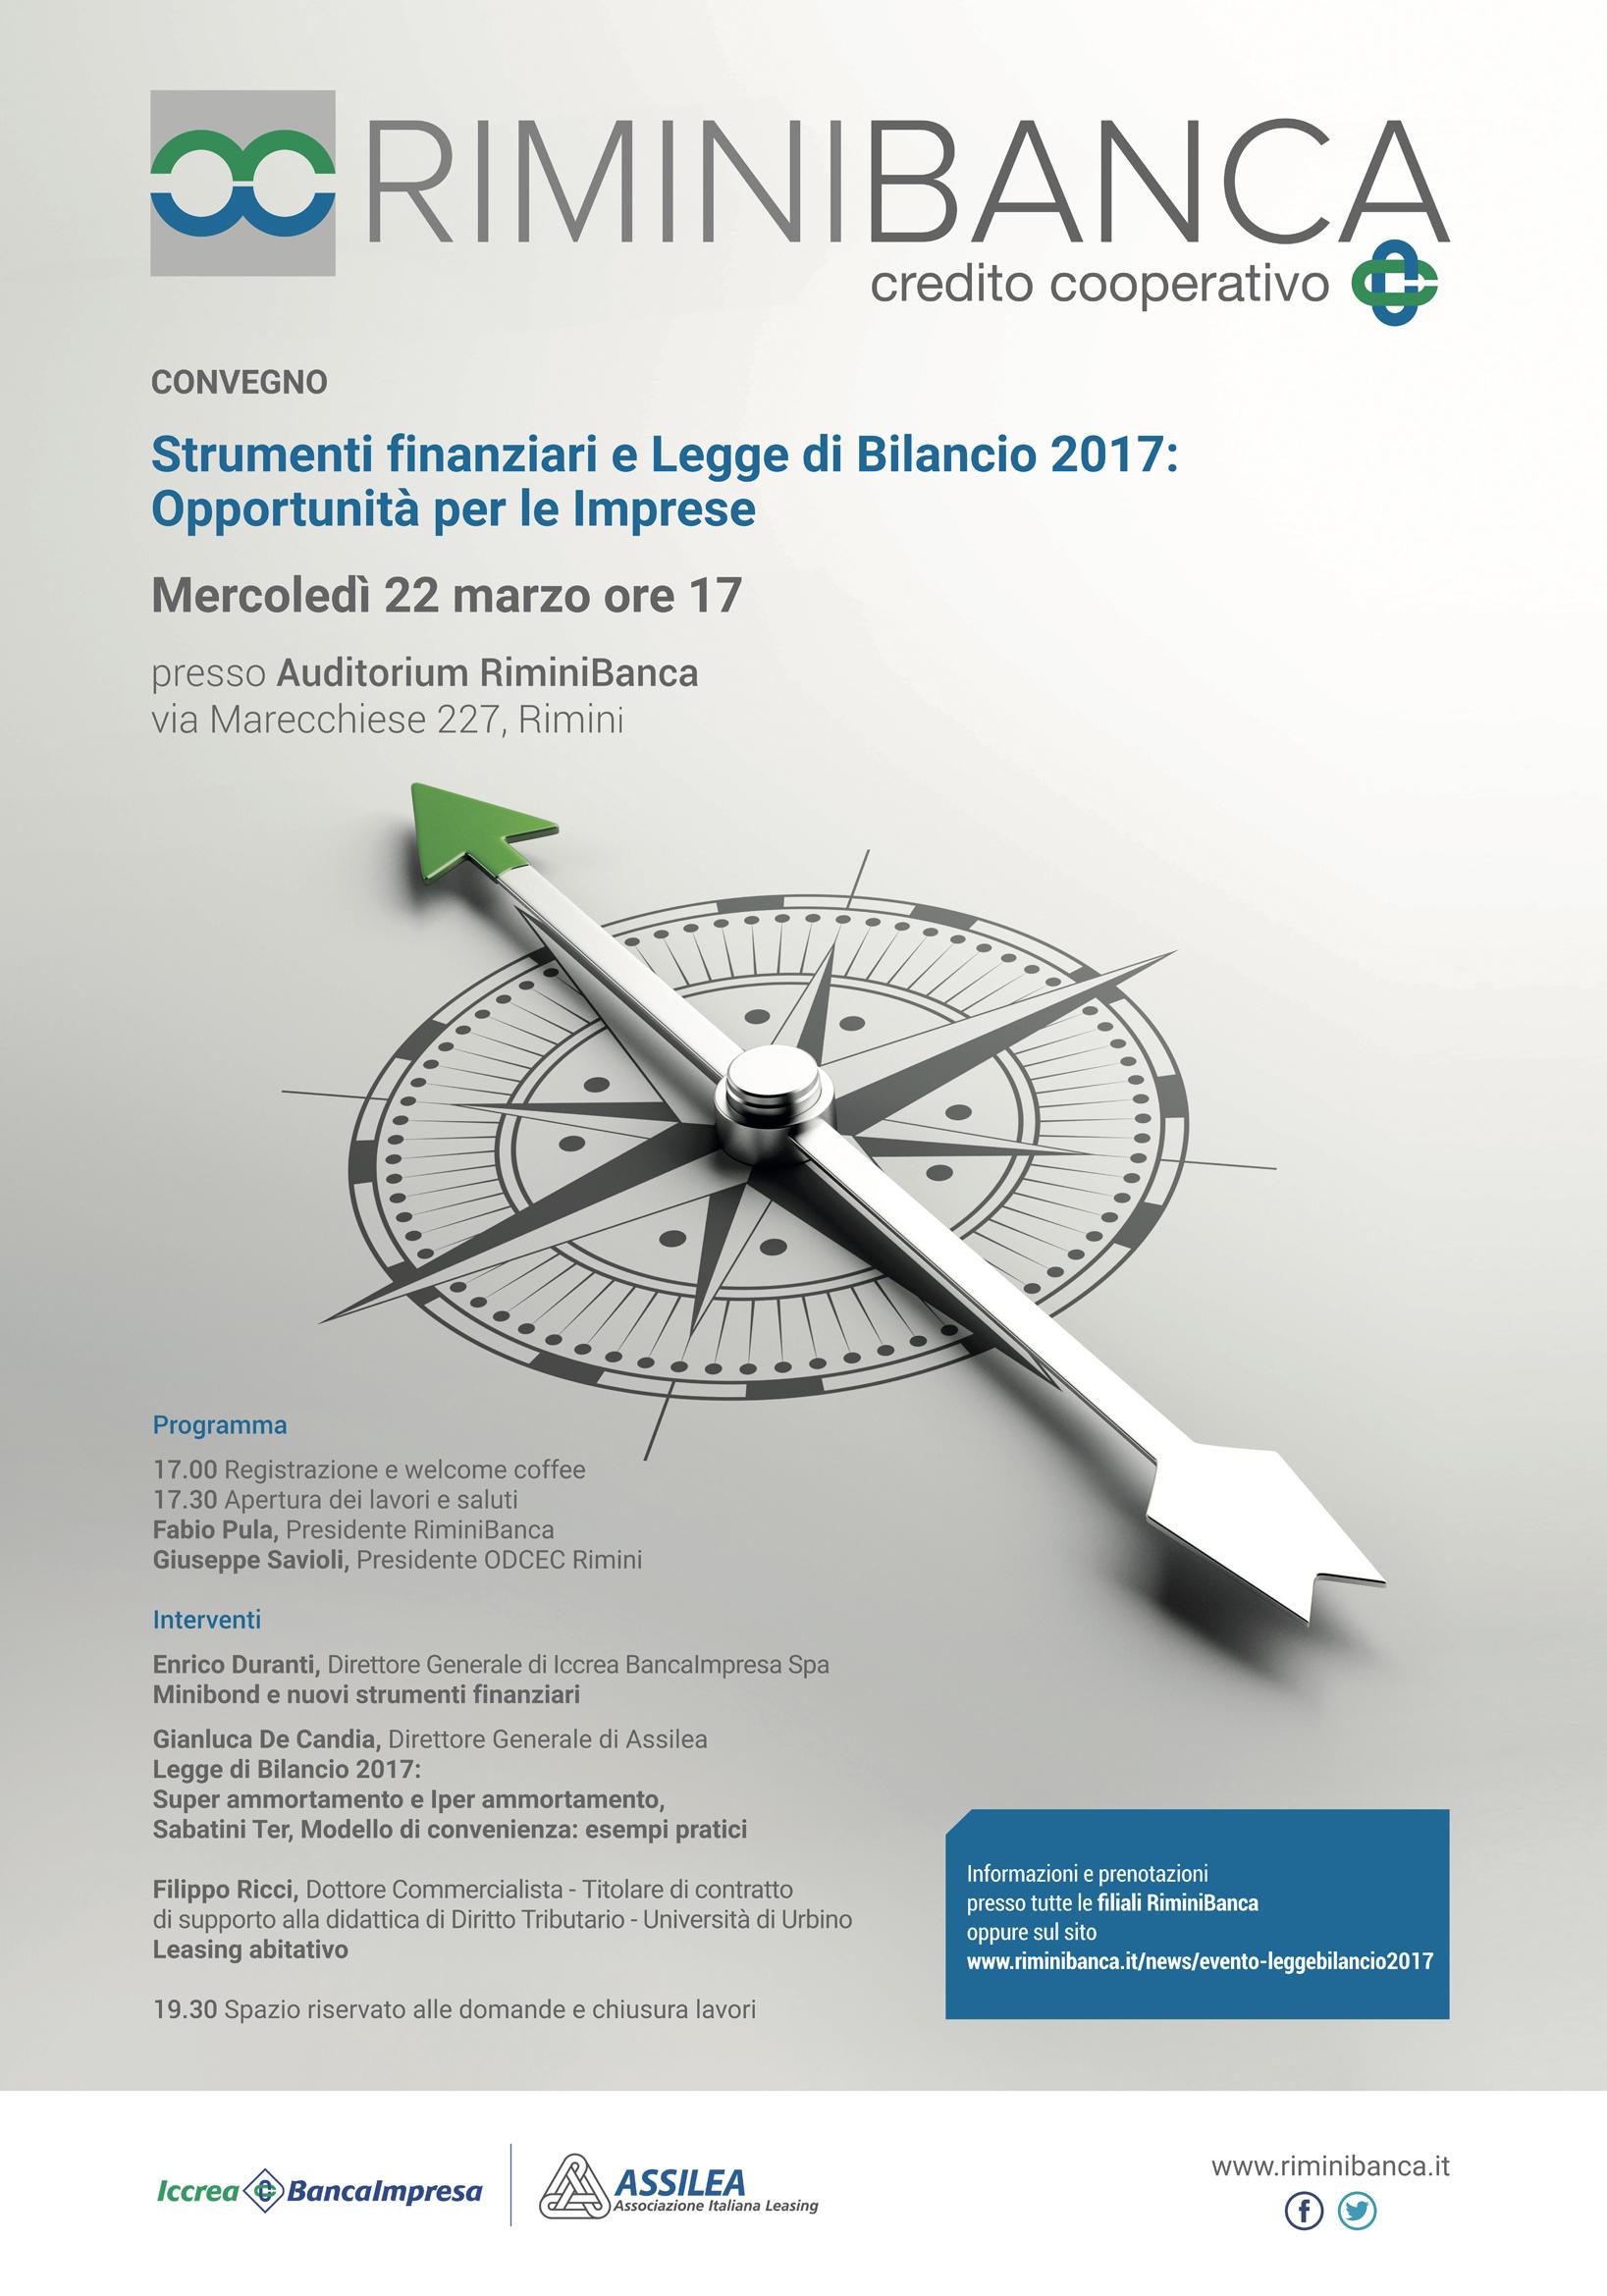 Convegno Rimini Banca 22.03.2017 - Strumenti finanziari e legge di bilancio 2017- relatore Filippo Ricci, Dottore Commercialista